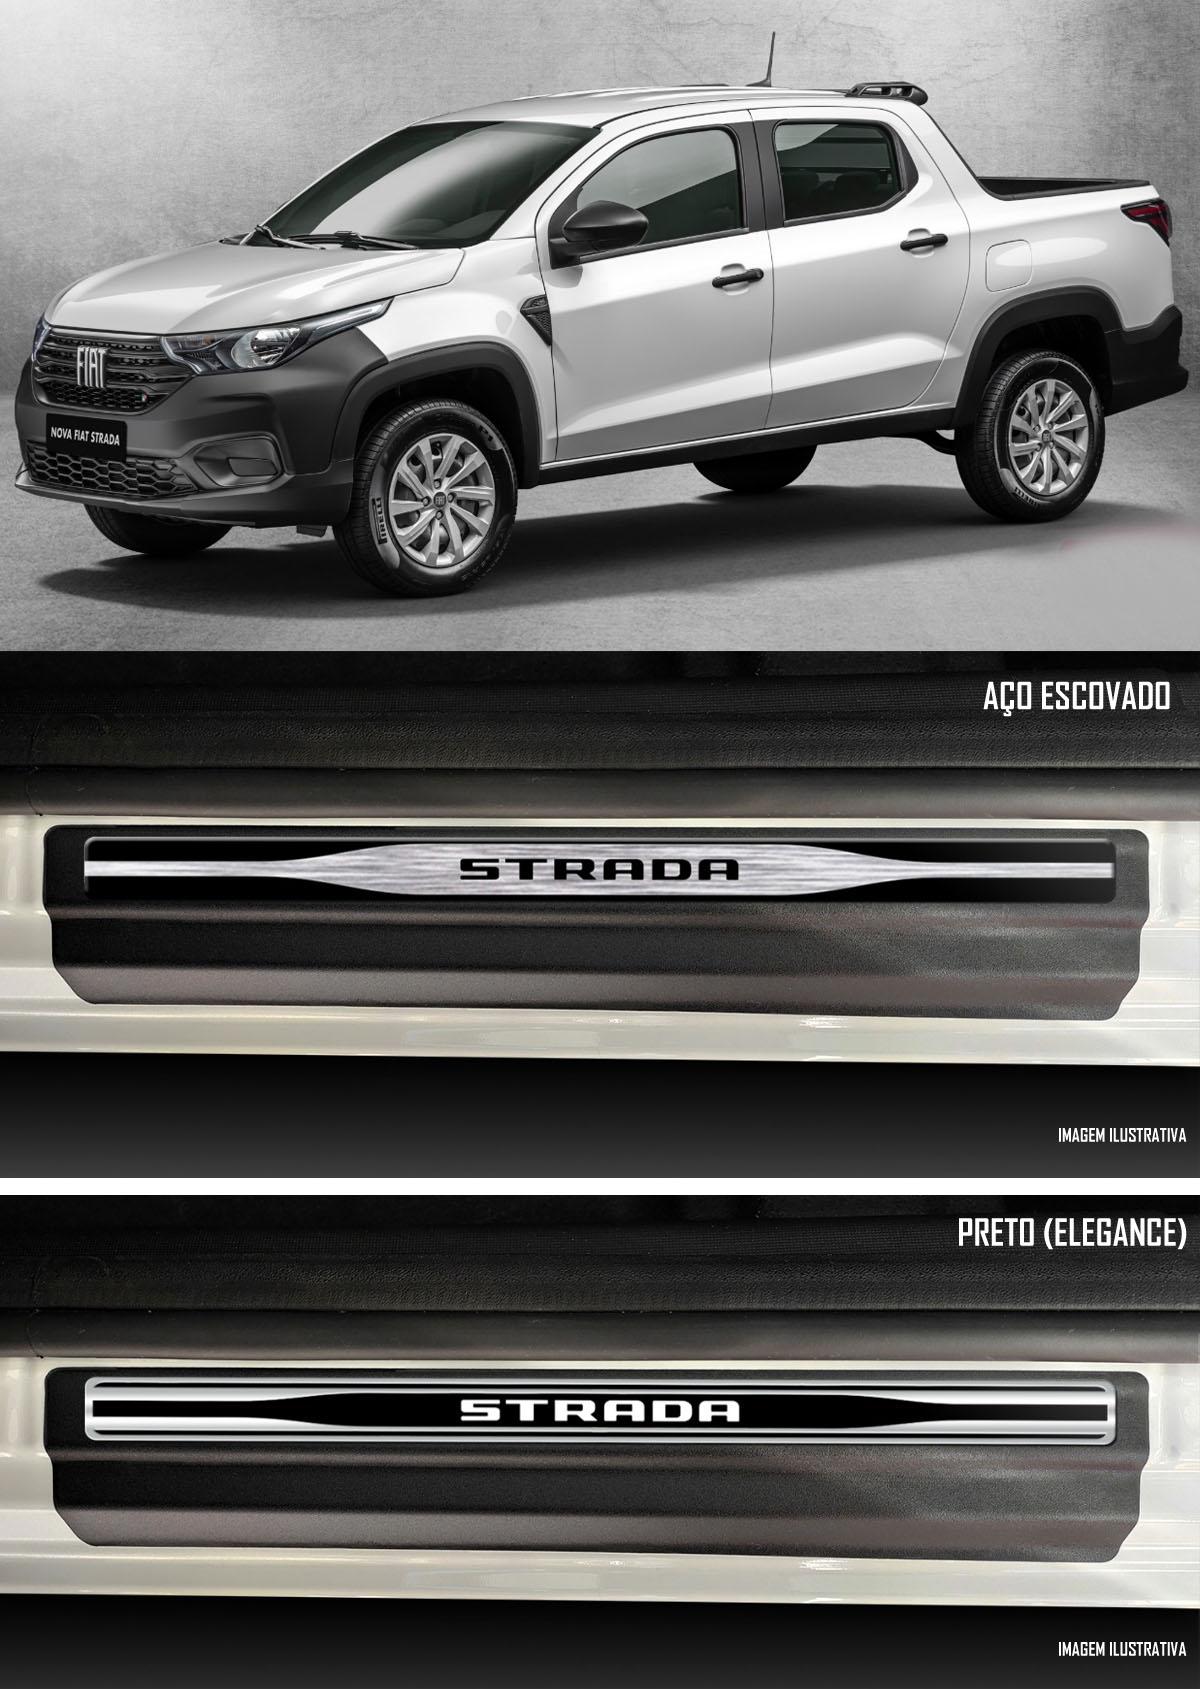 Jogo Soleira Premium Elegance Fiat Strada 2020 2021 2022 Cabine Dupla - 4 Portas ( Vinil + Resinada 10 Peças )